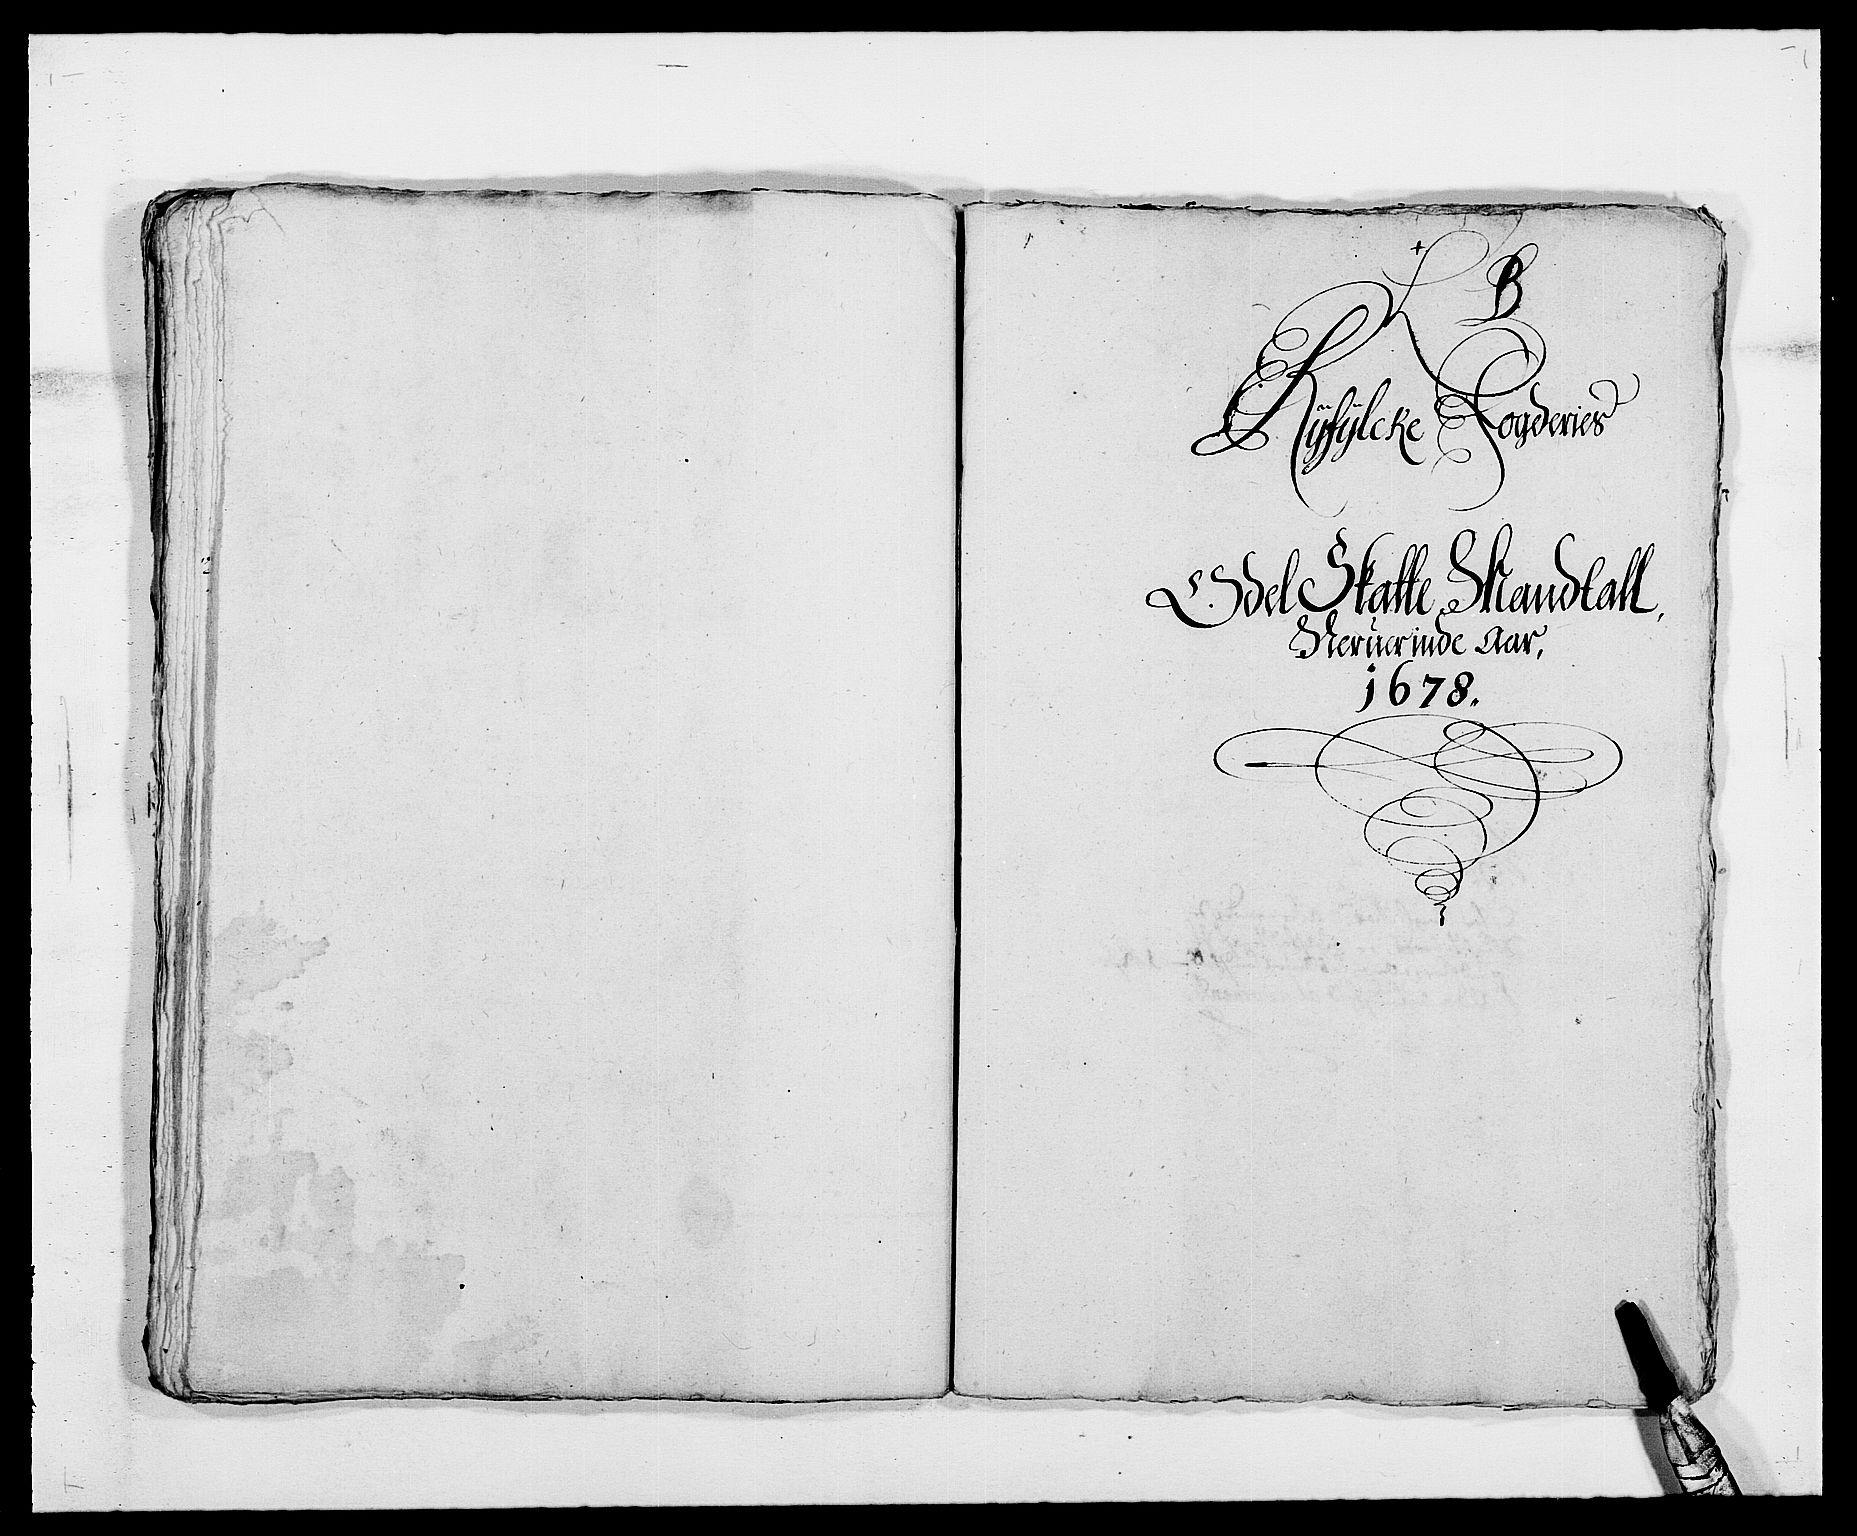 RA, Rentekammeret inntil 1814, Reviderte regnskaper, Fogderegnskap, R47/L2848: Fogderegnskap Ryfylke, 1678, s. 106